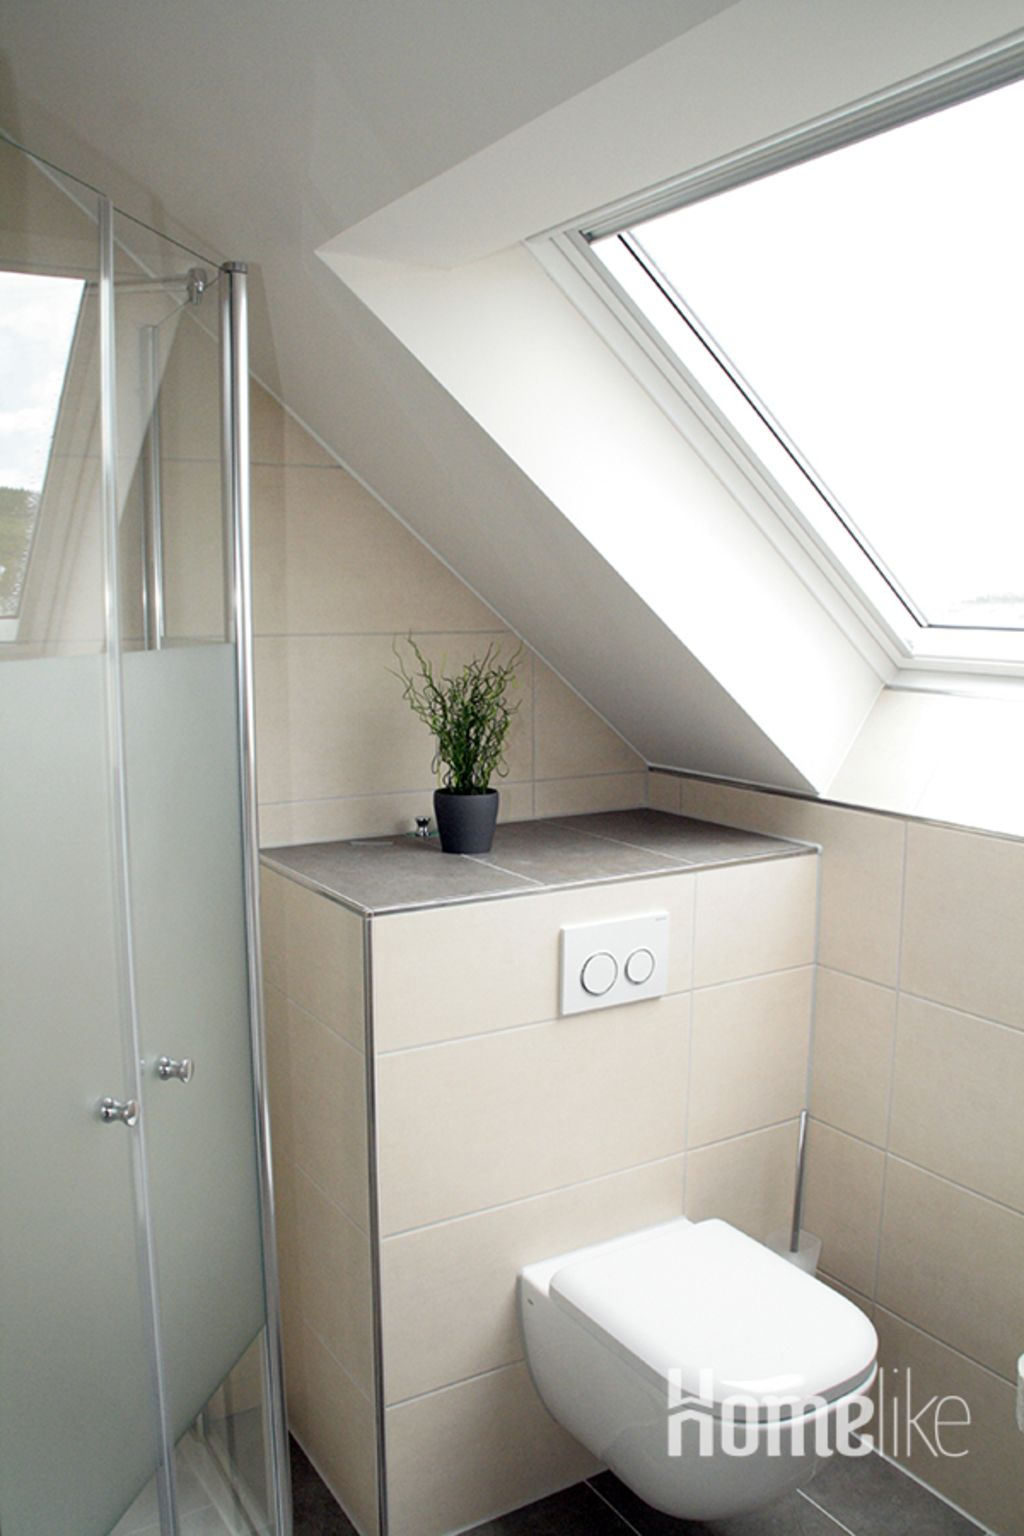 image 7 furnished 2 bedroom Apartment for rent in Koblenz, Koblenz